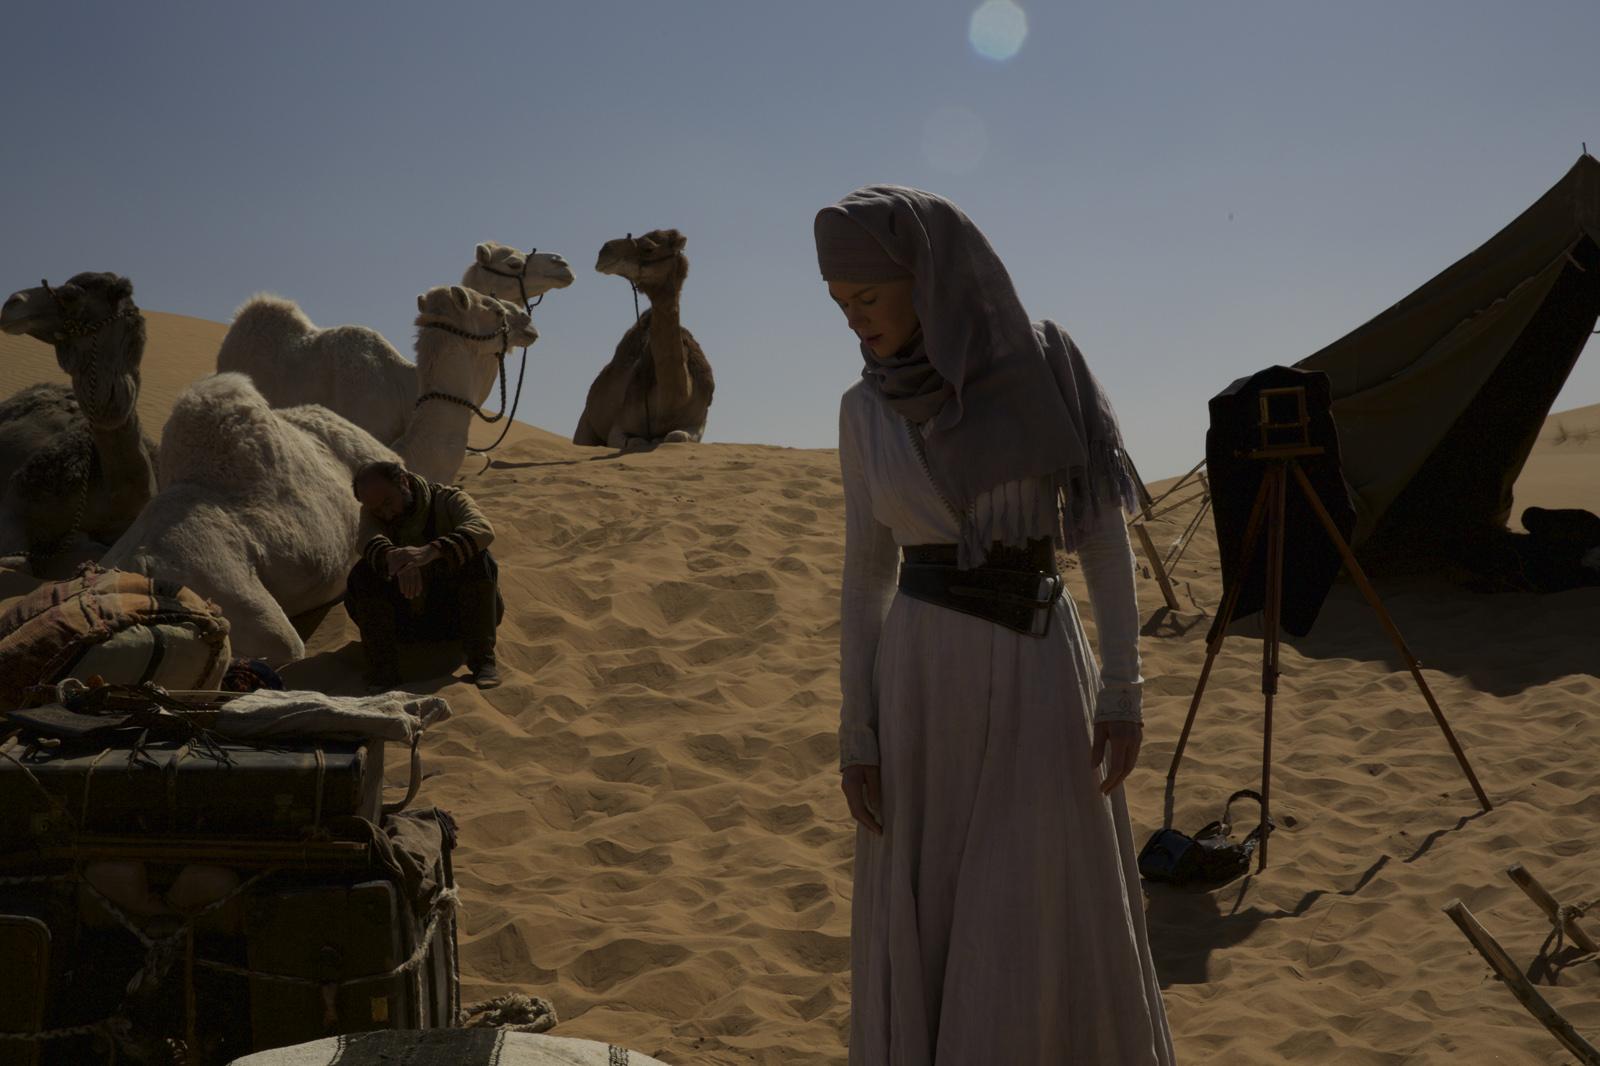 Цветок пустыни смотреть на русском 16 фотография